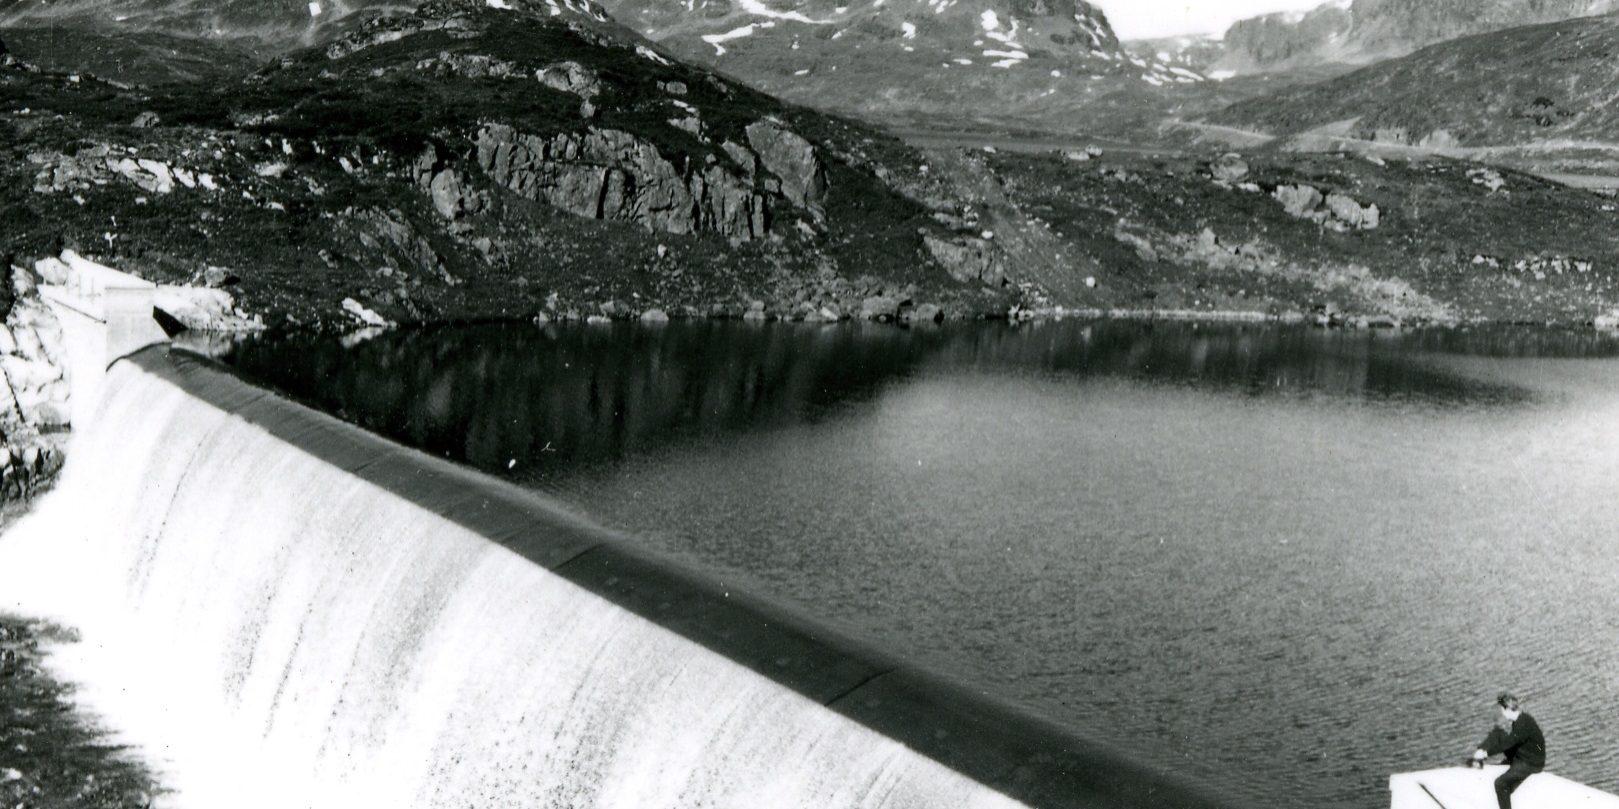 Det blei bygd 32 slike dammar i Tokkereguleringa. Her frå Ståvatn på Hardangervidda, som ligg på grensa mellom Vinje og Odda kommune